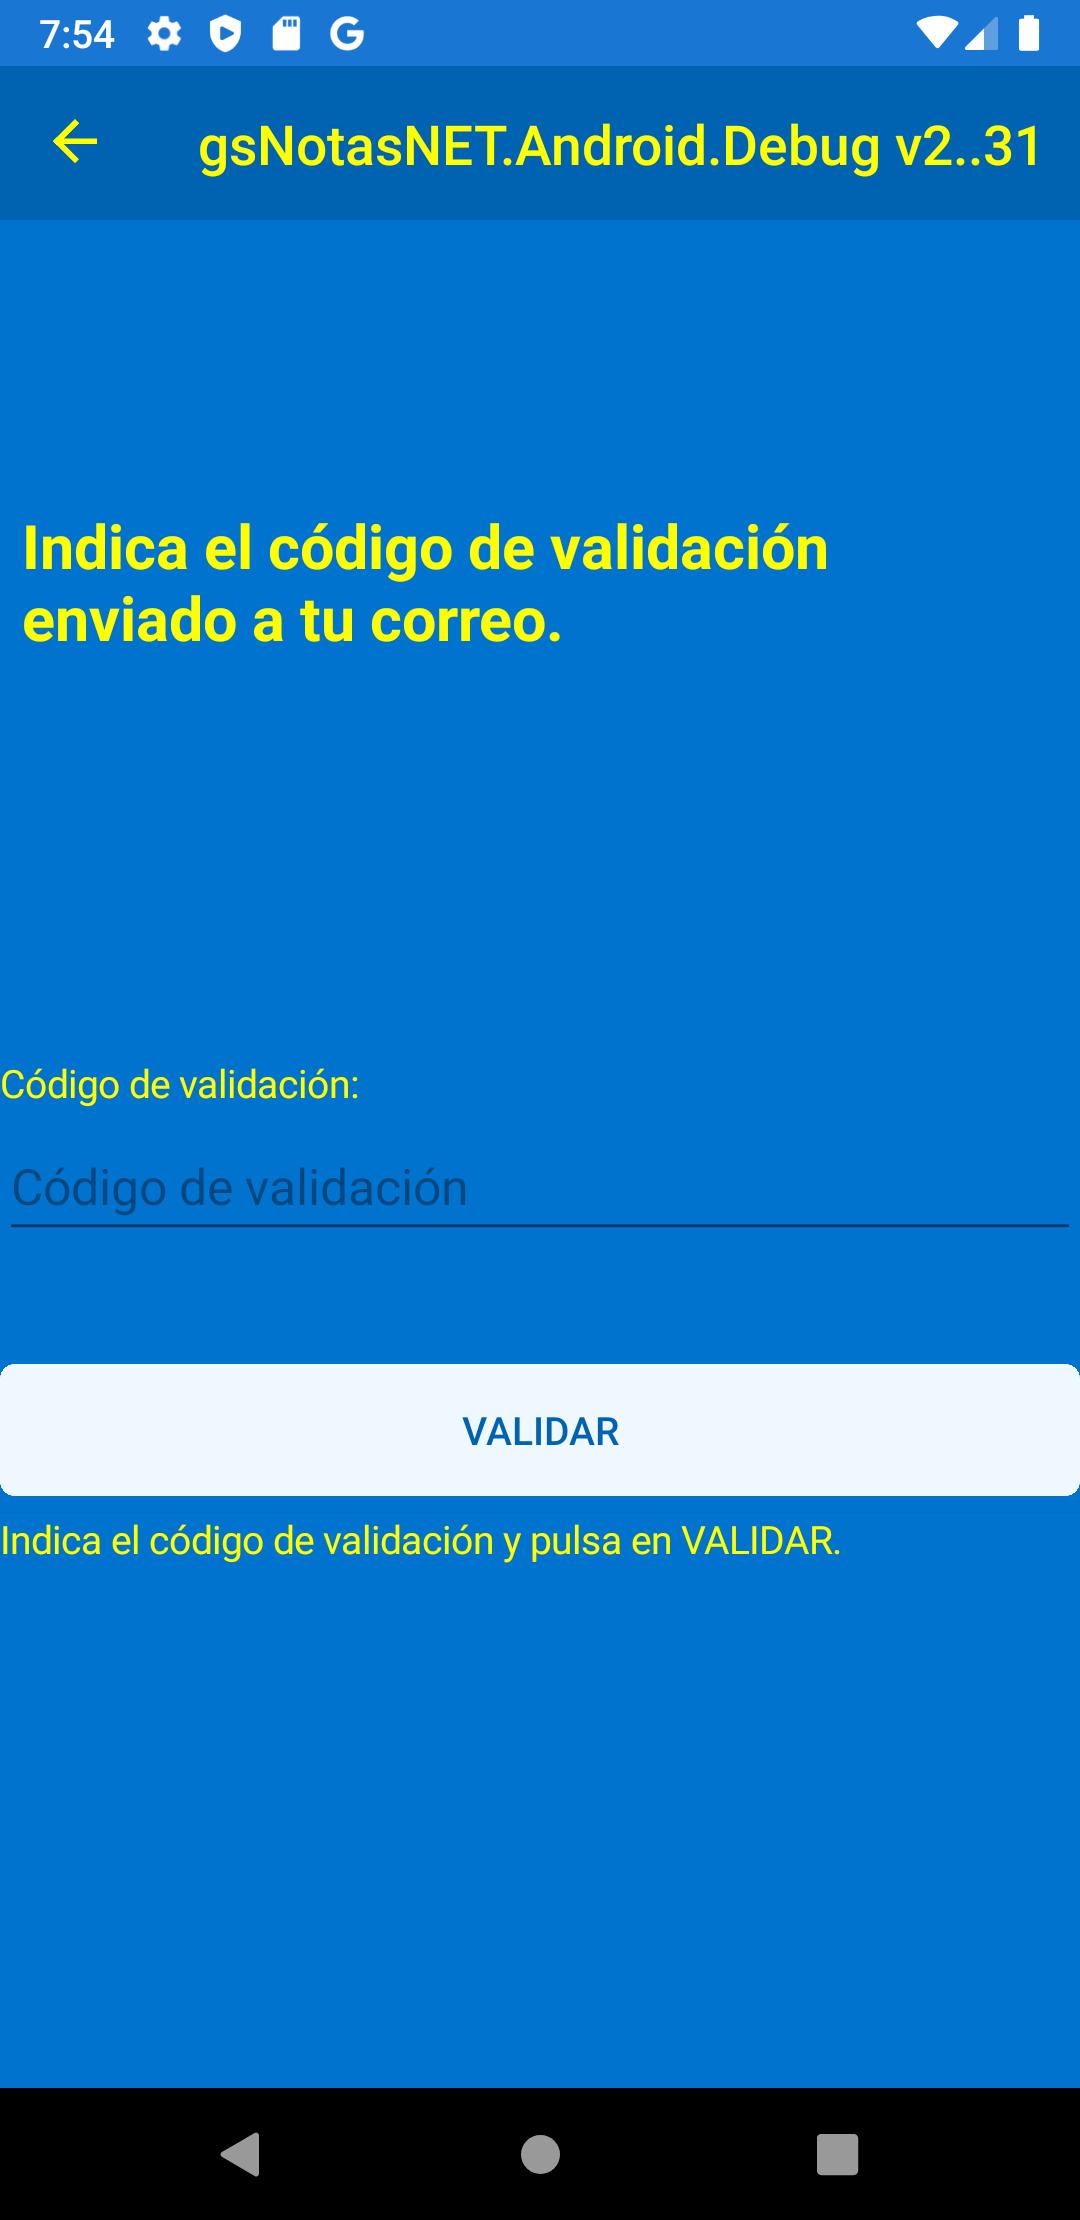 v2.31-Validar